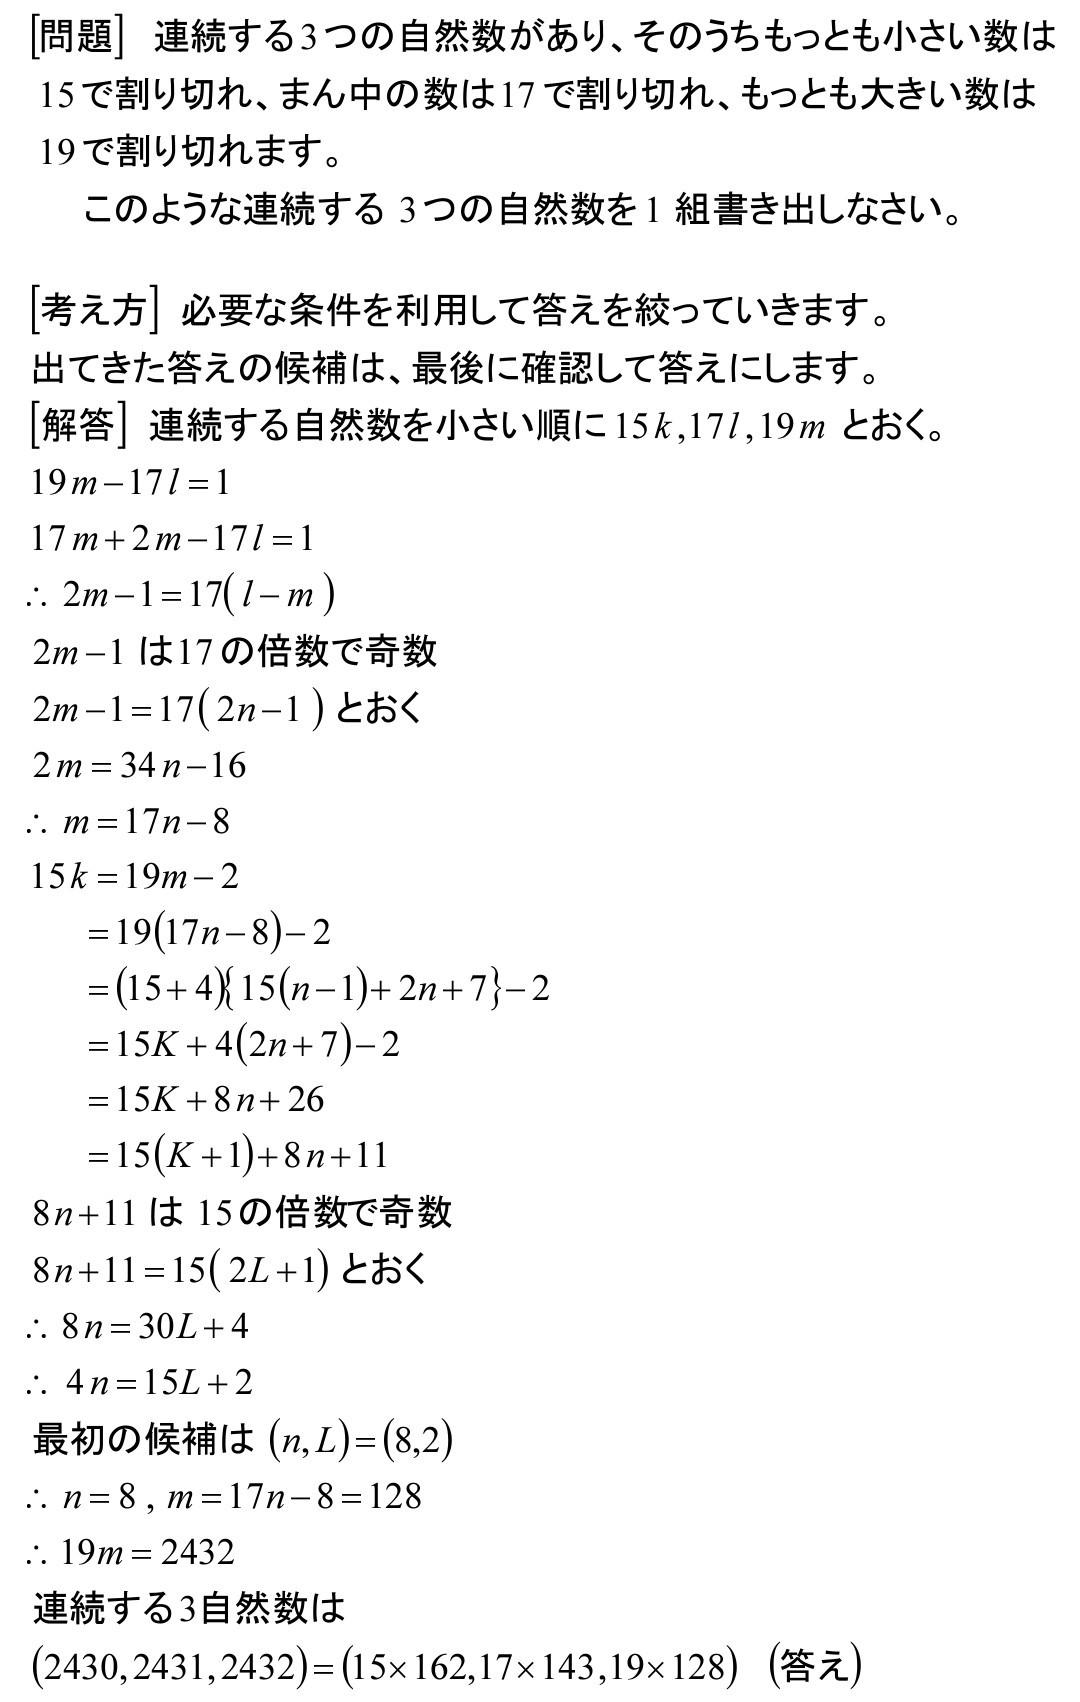 算数オリンピック<129>連続する3自然数_b0368745_10115830.jpg